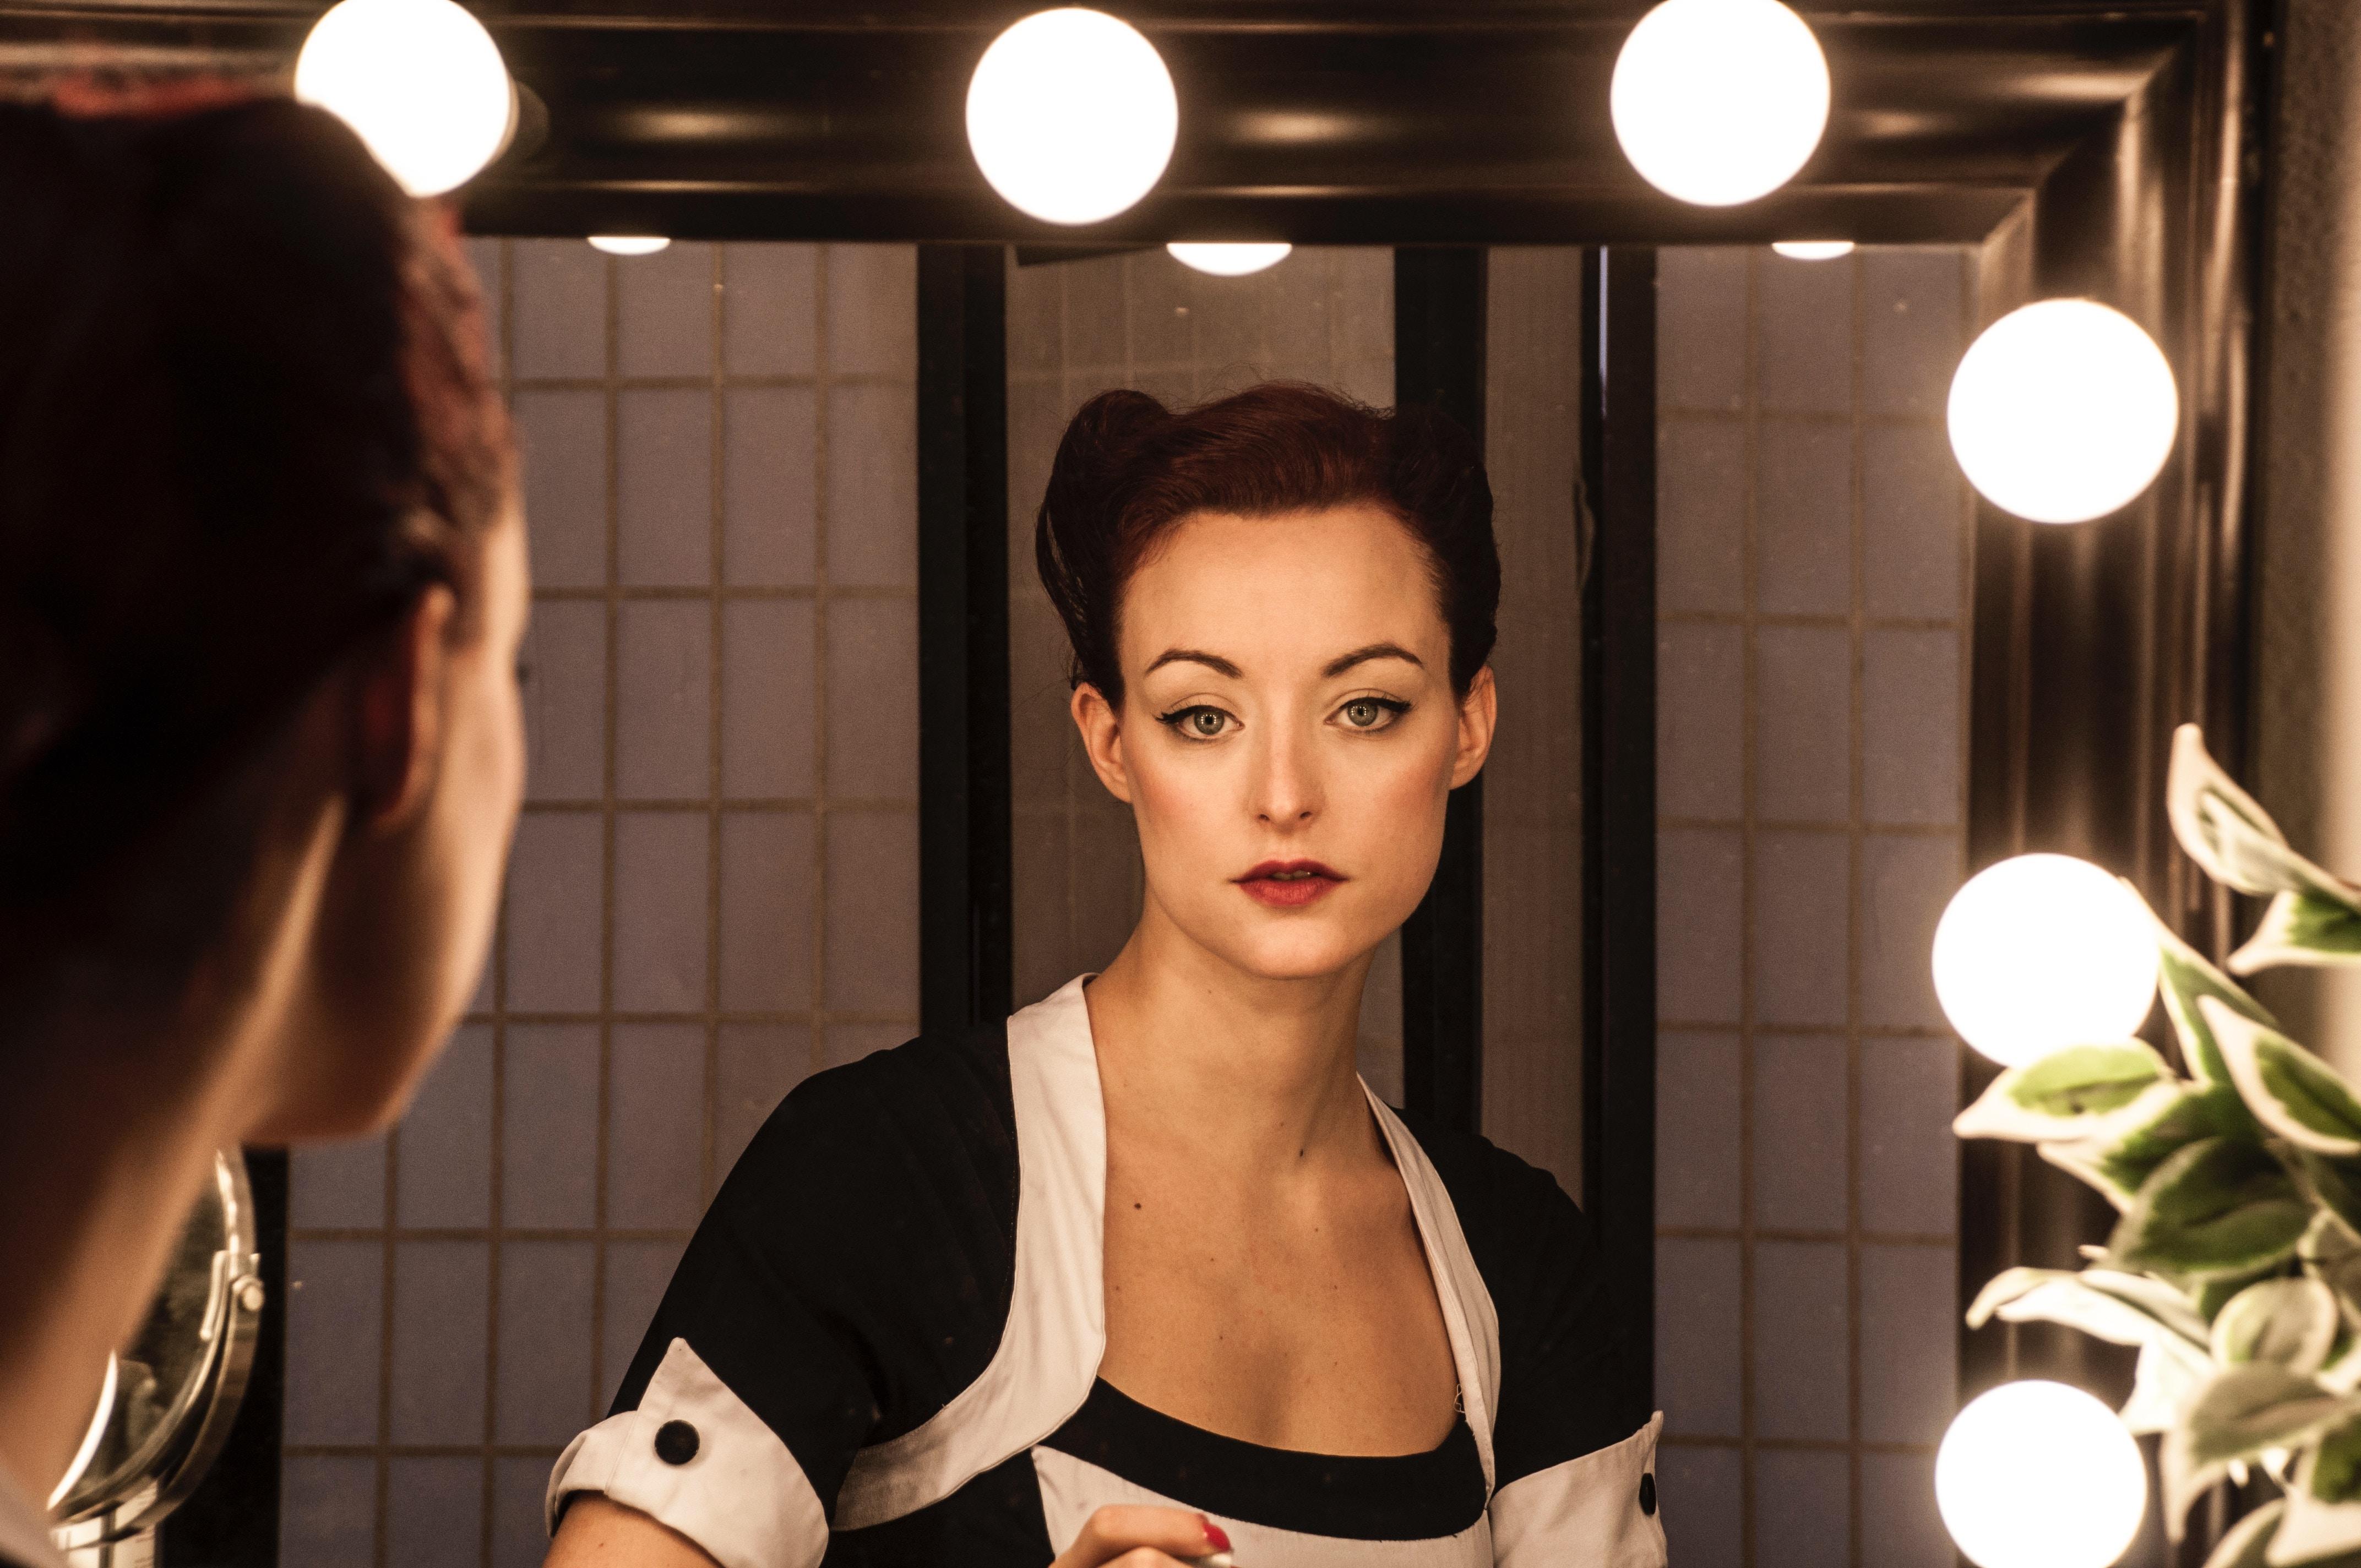 女性を映す鏡